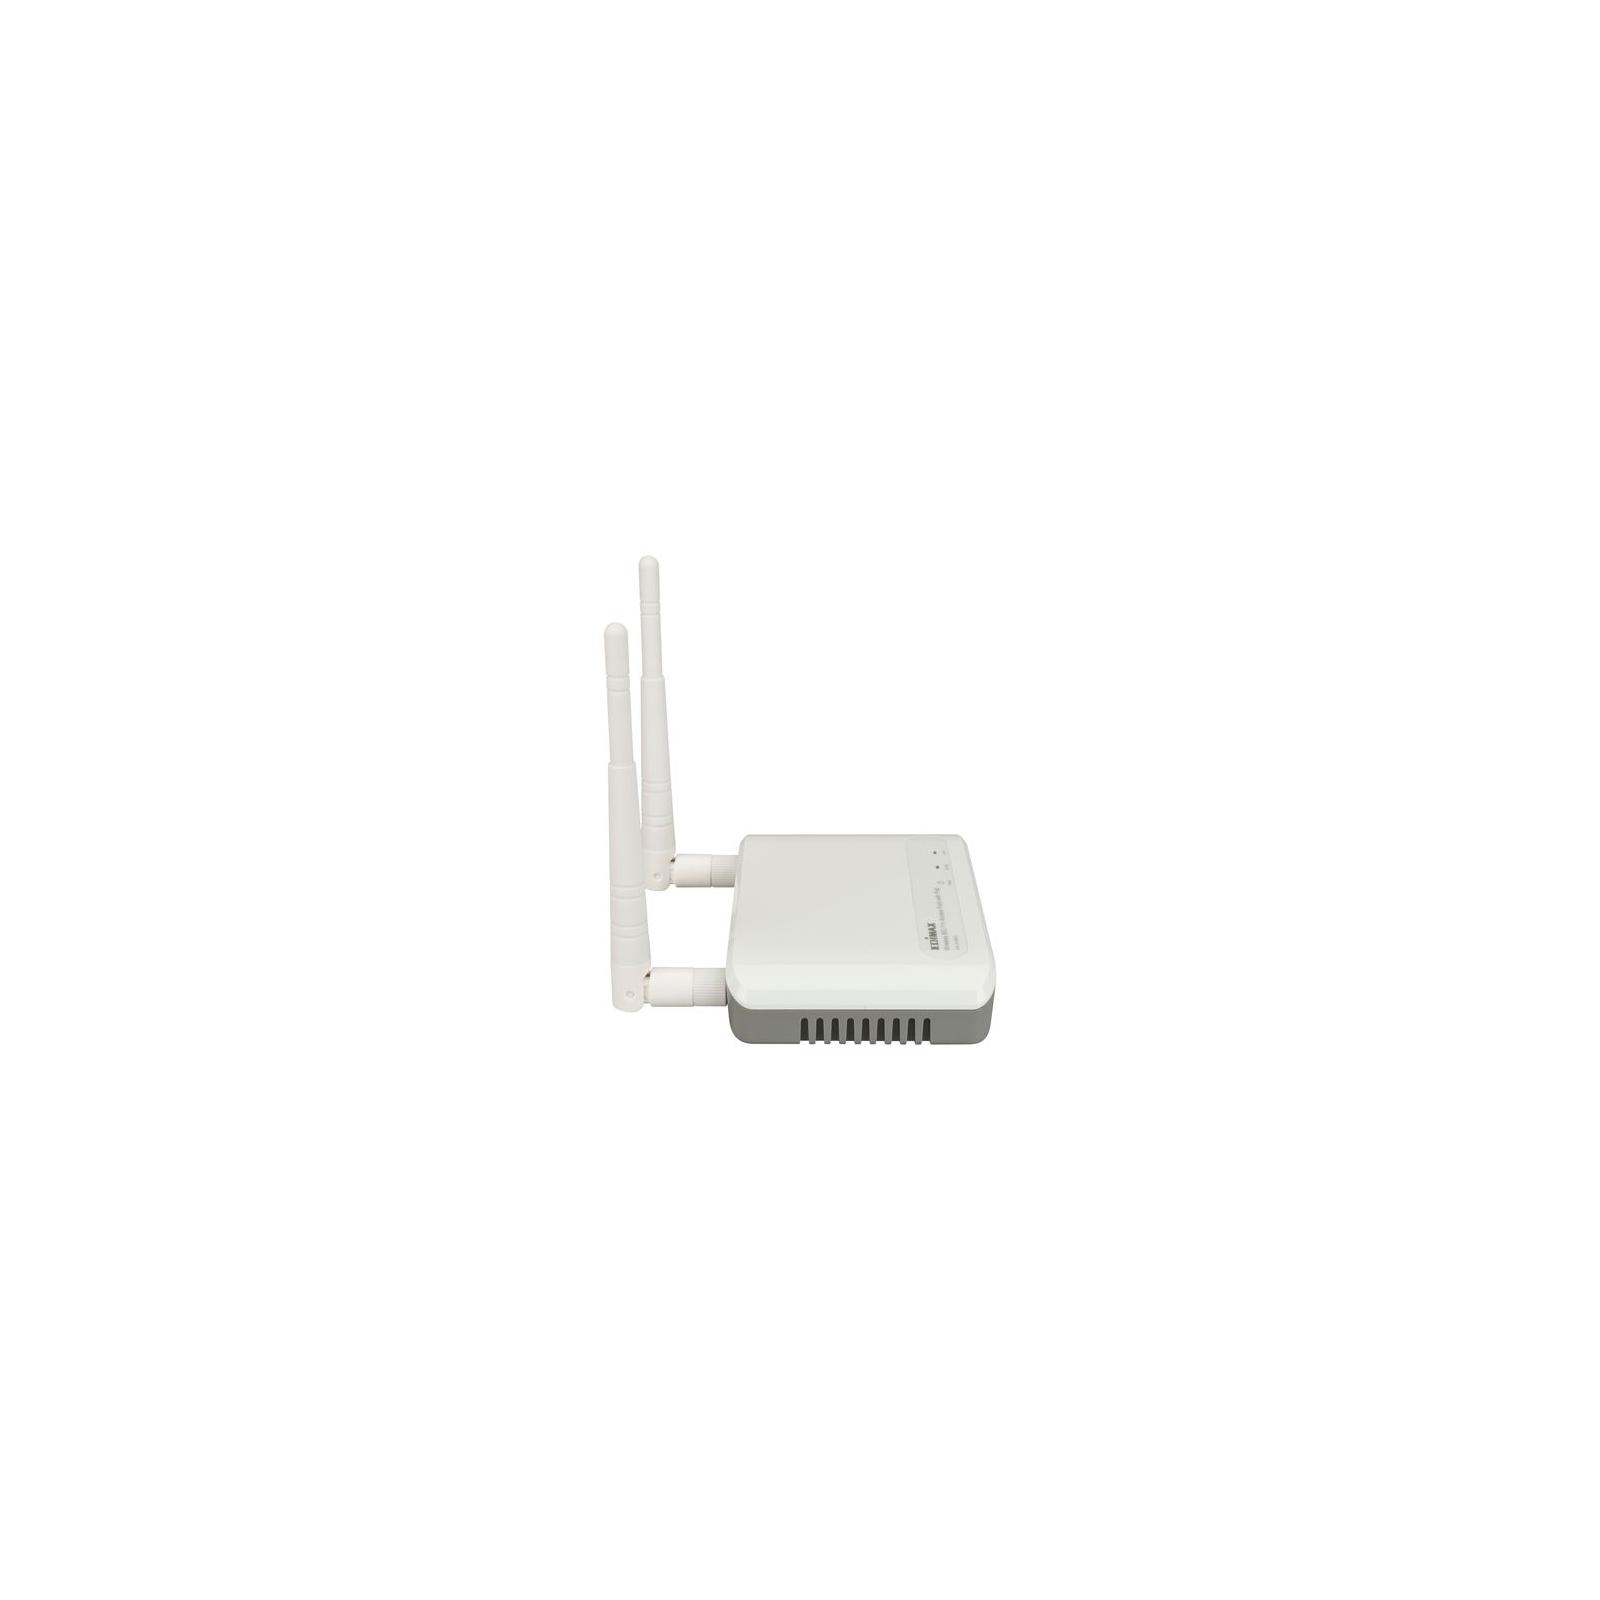 Точка доступа Wi-Fi EDIMAX EW-7415PDN изображение 4